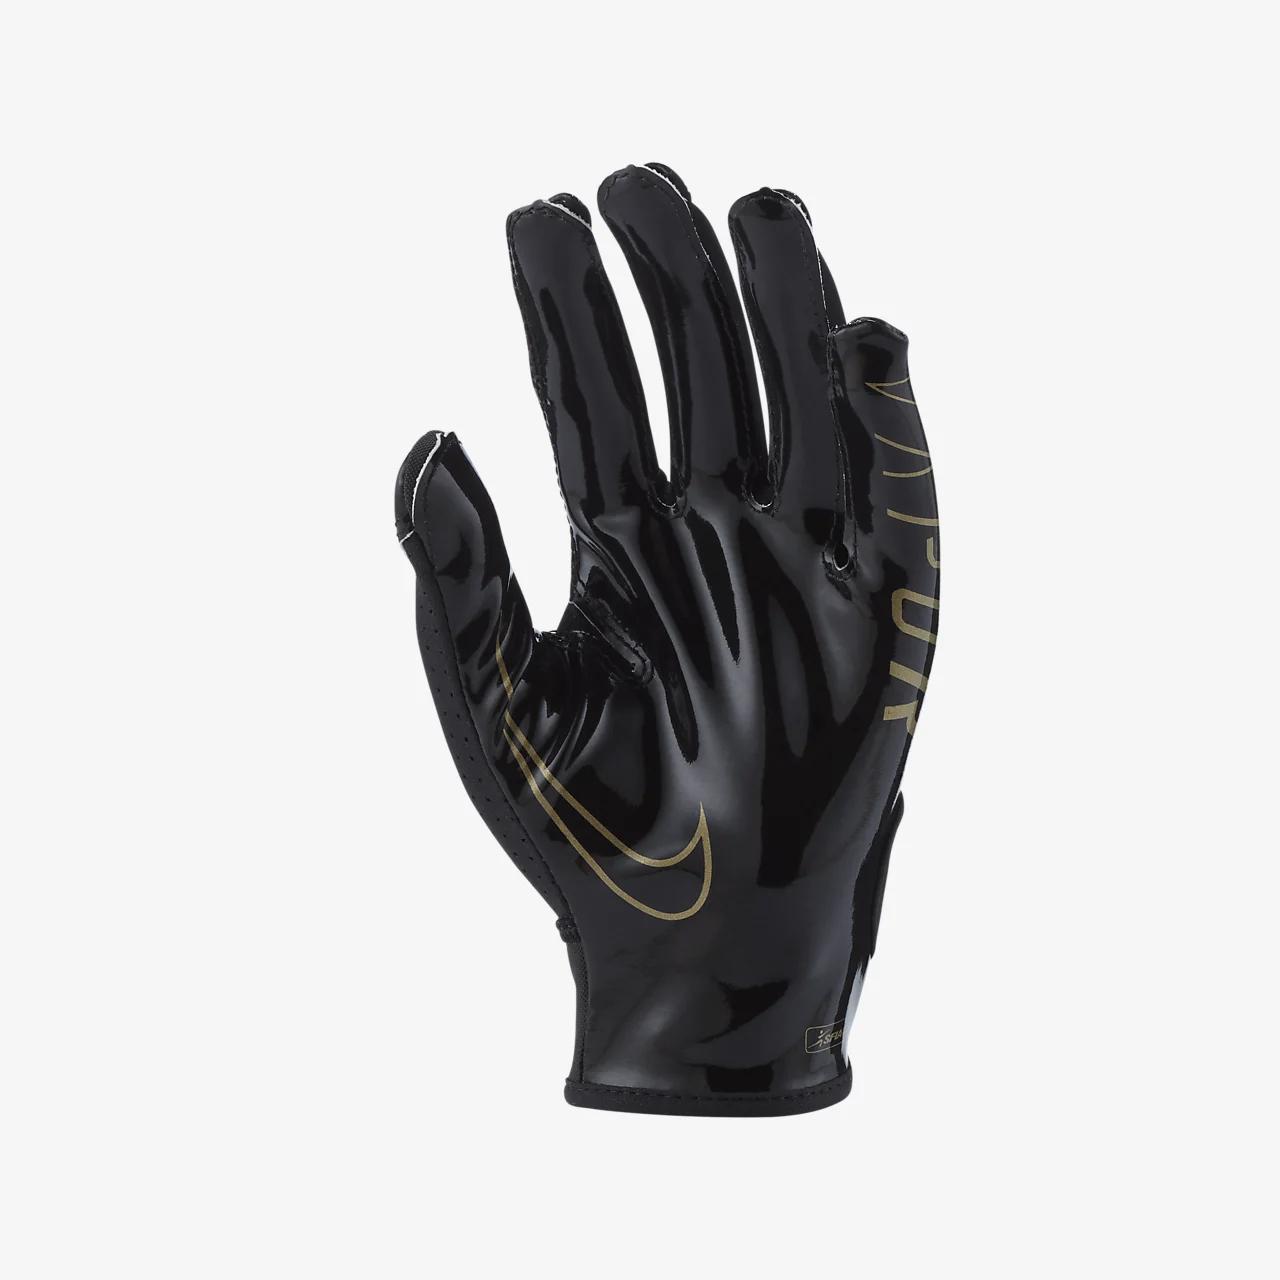 Nike Vapor Jet 6.0 Kids' Football Gloves N1000606-049